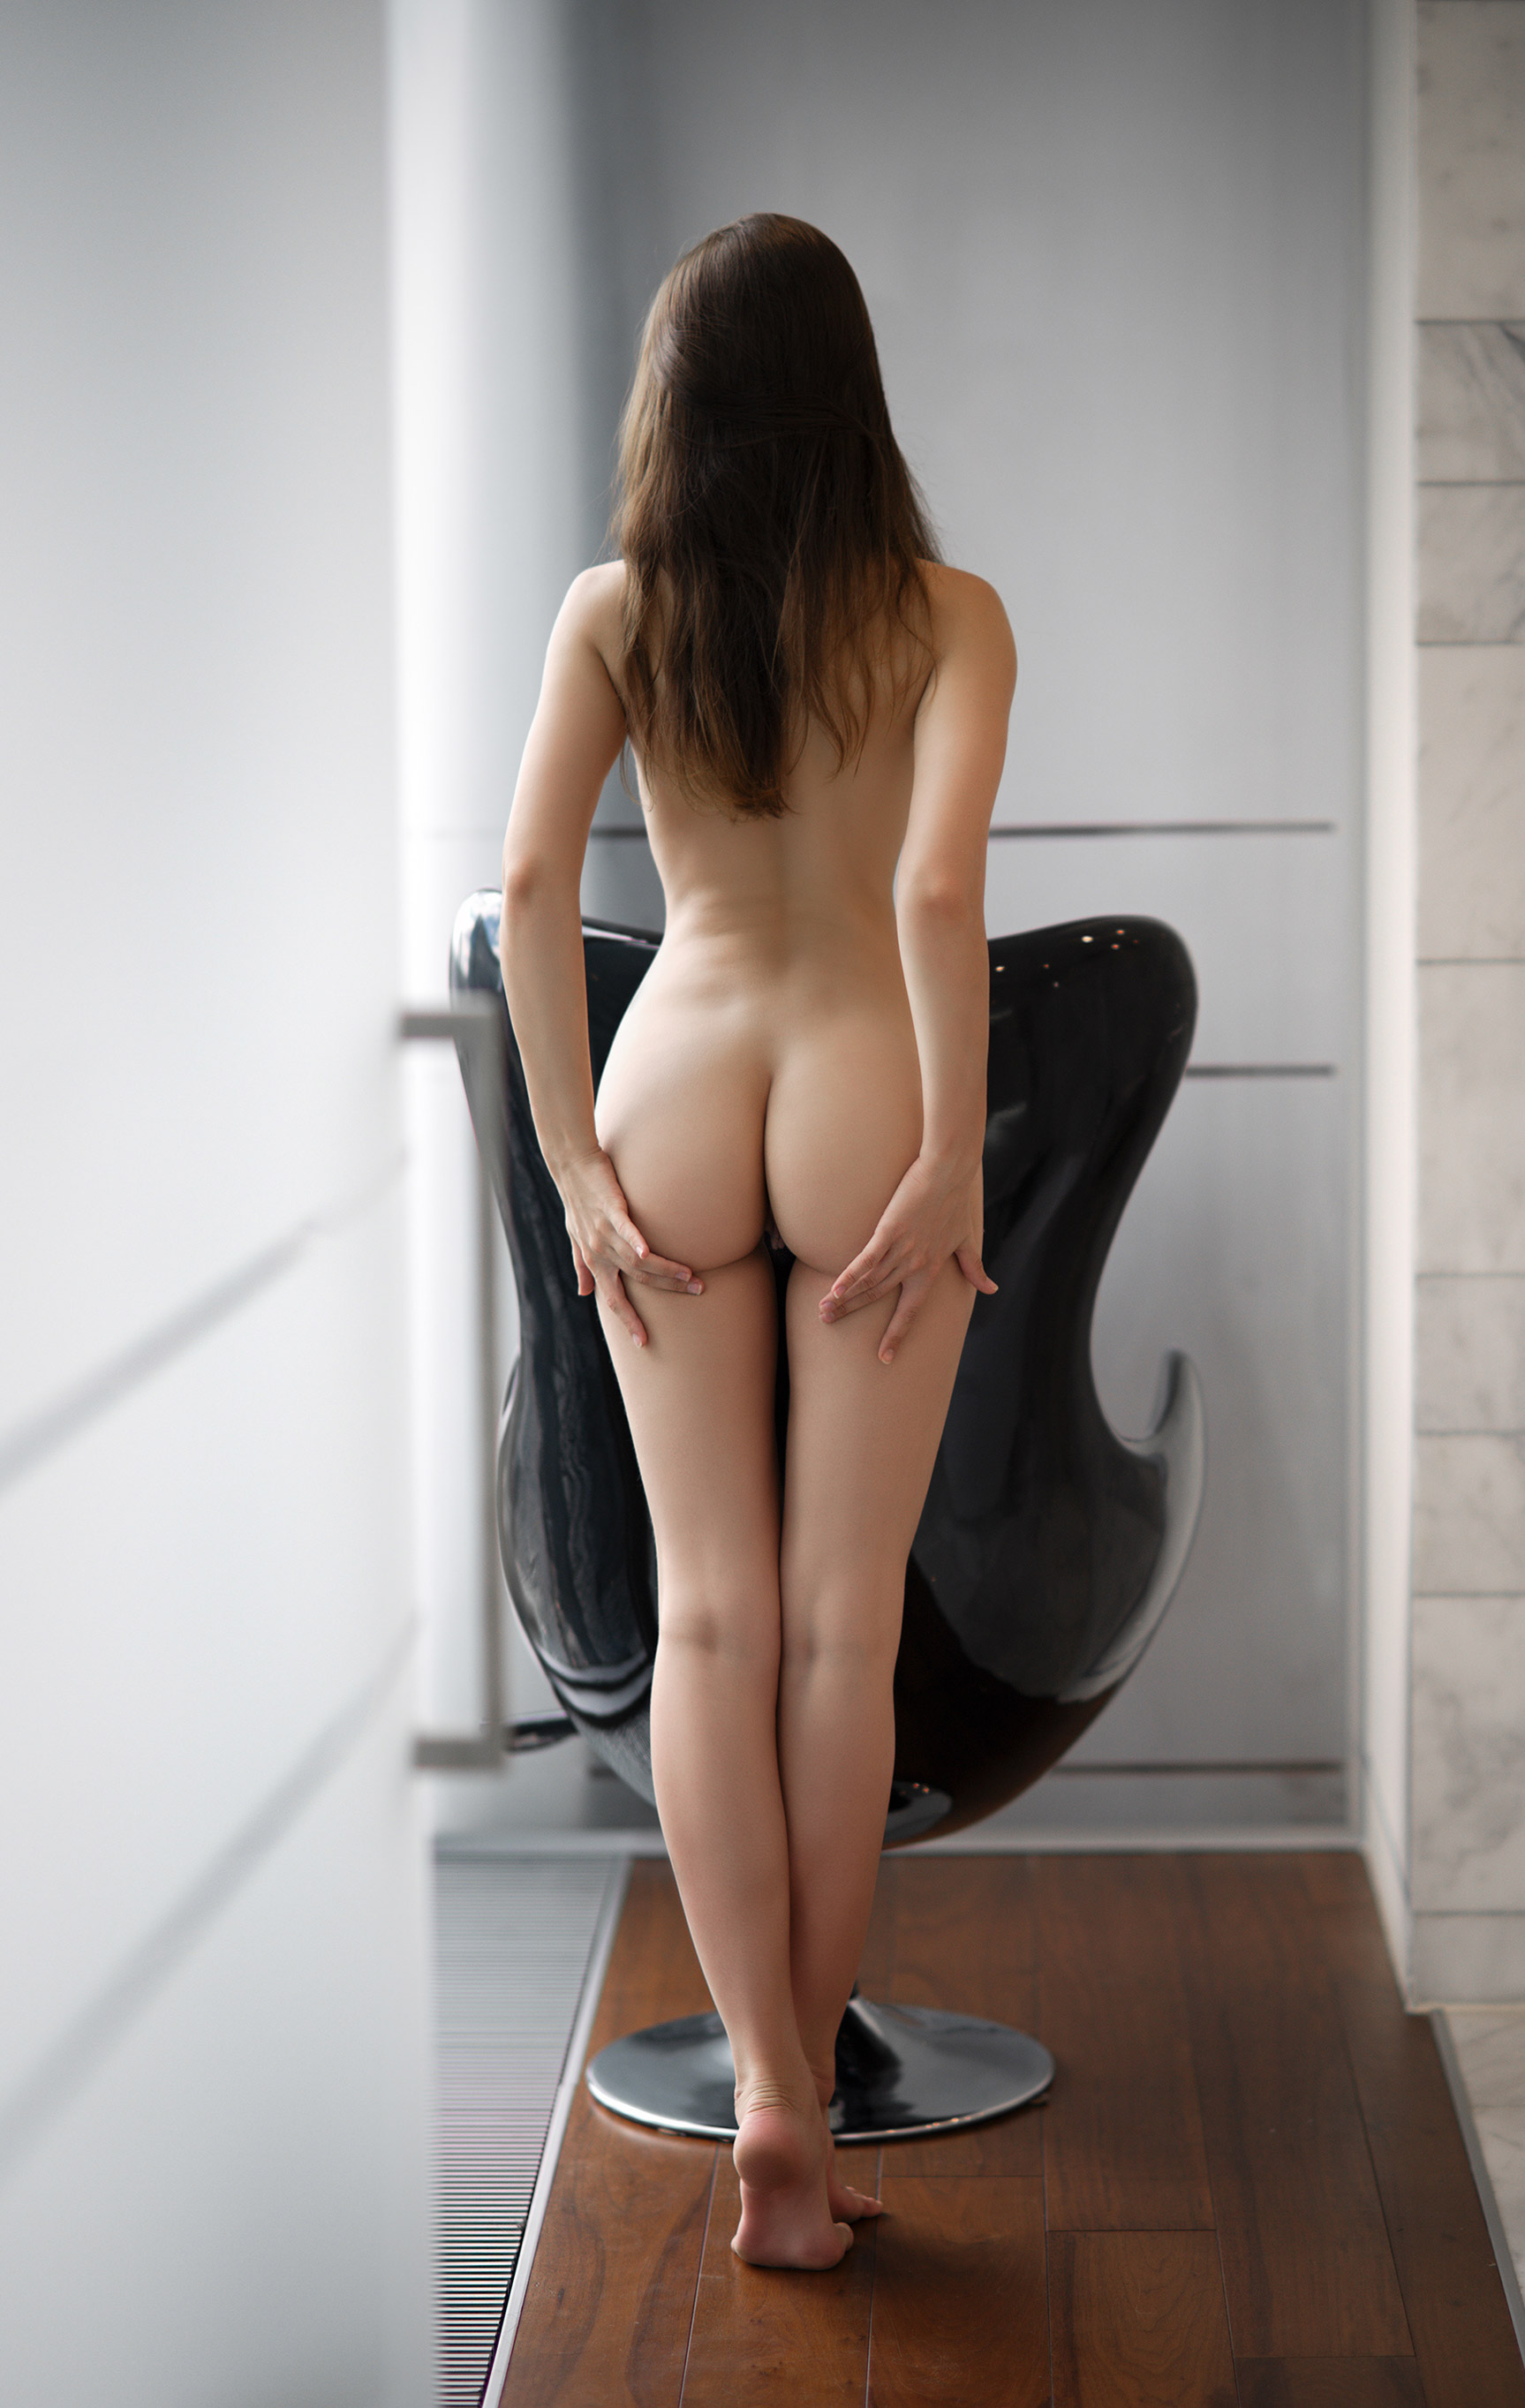 голая Виктория Алико у окна в небоскребе / Viktoriia Aliko nude by Vladimir Nikolaev